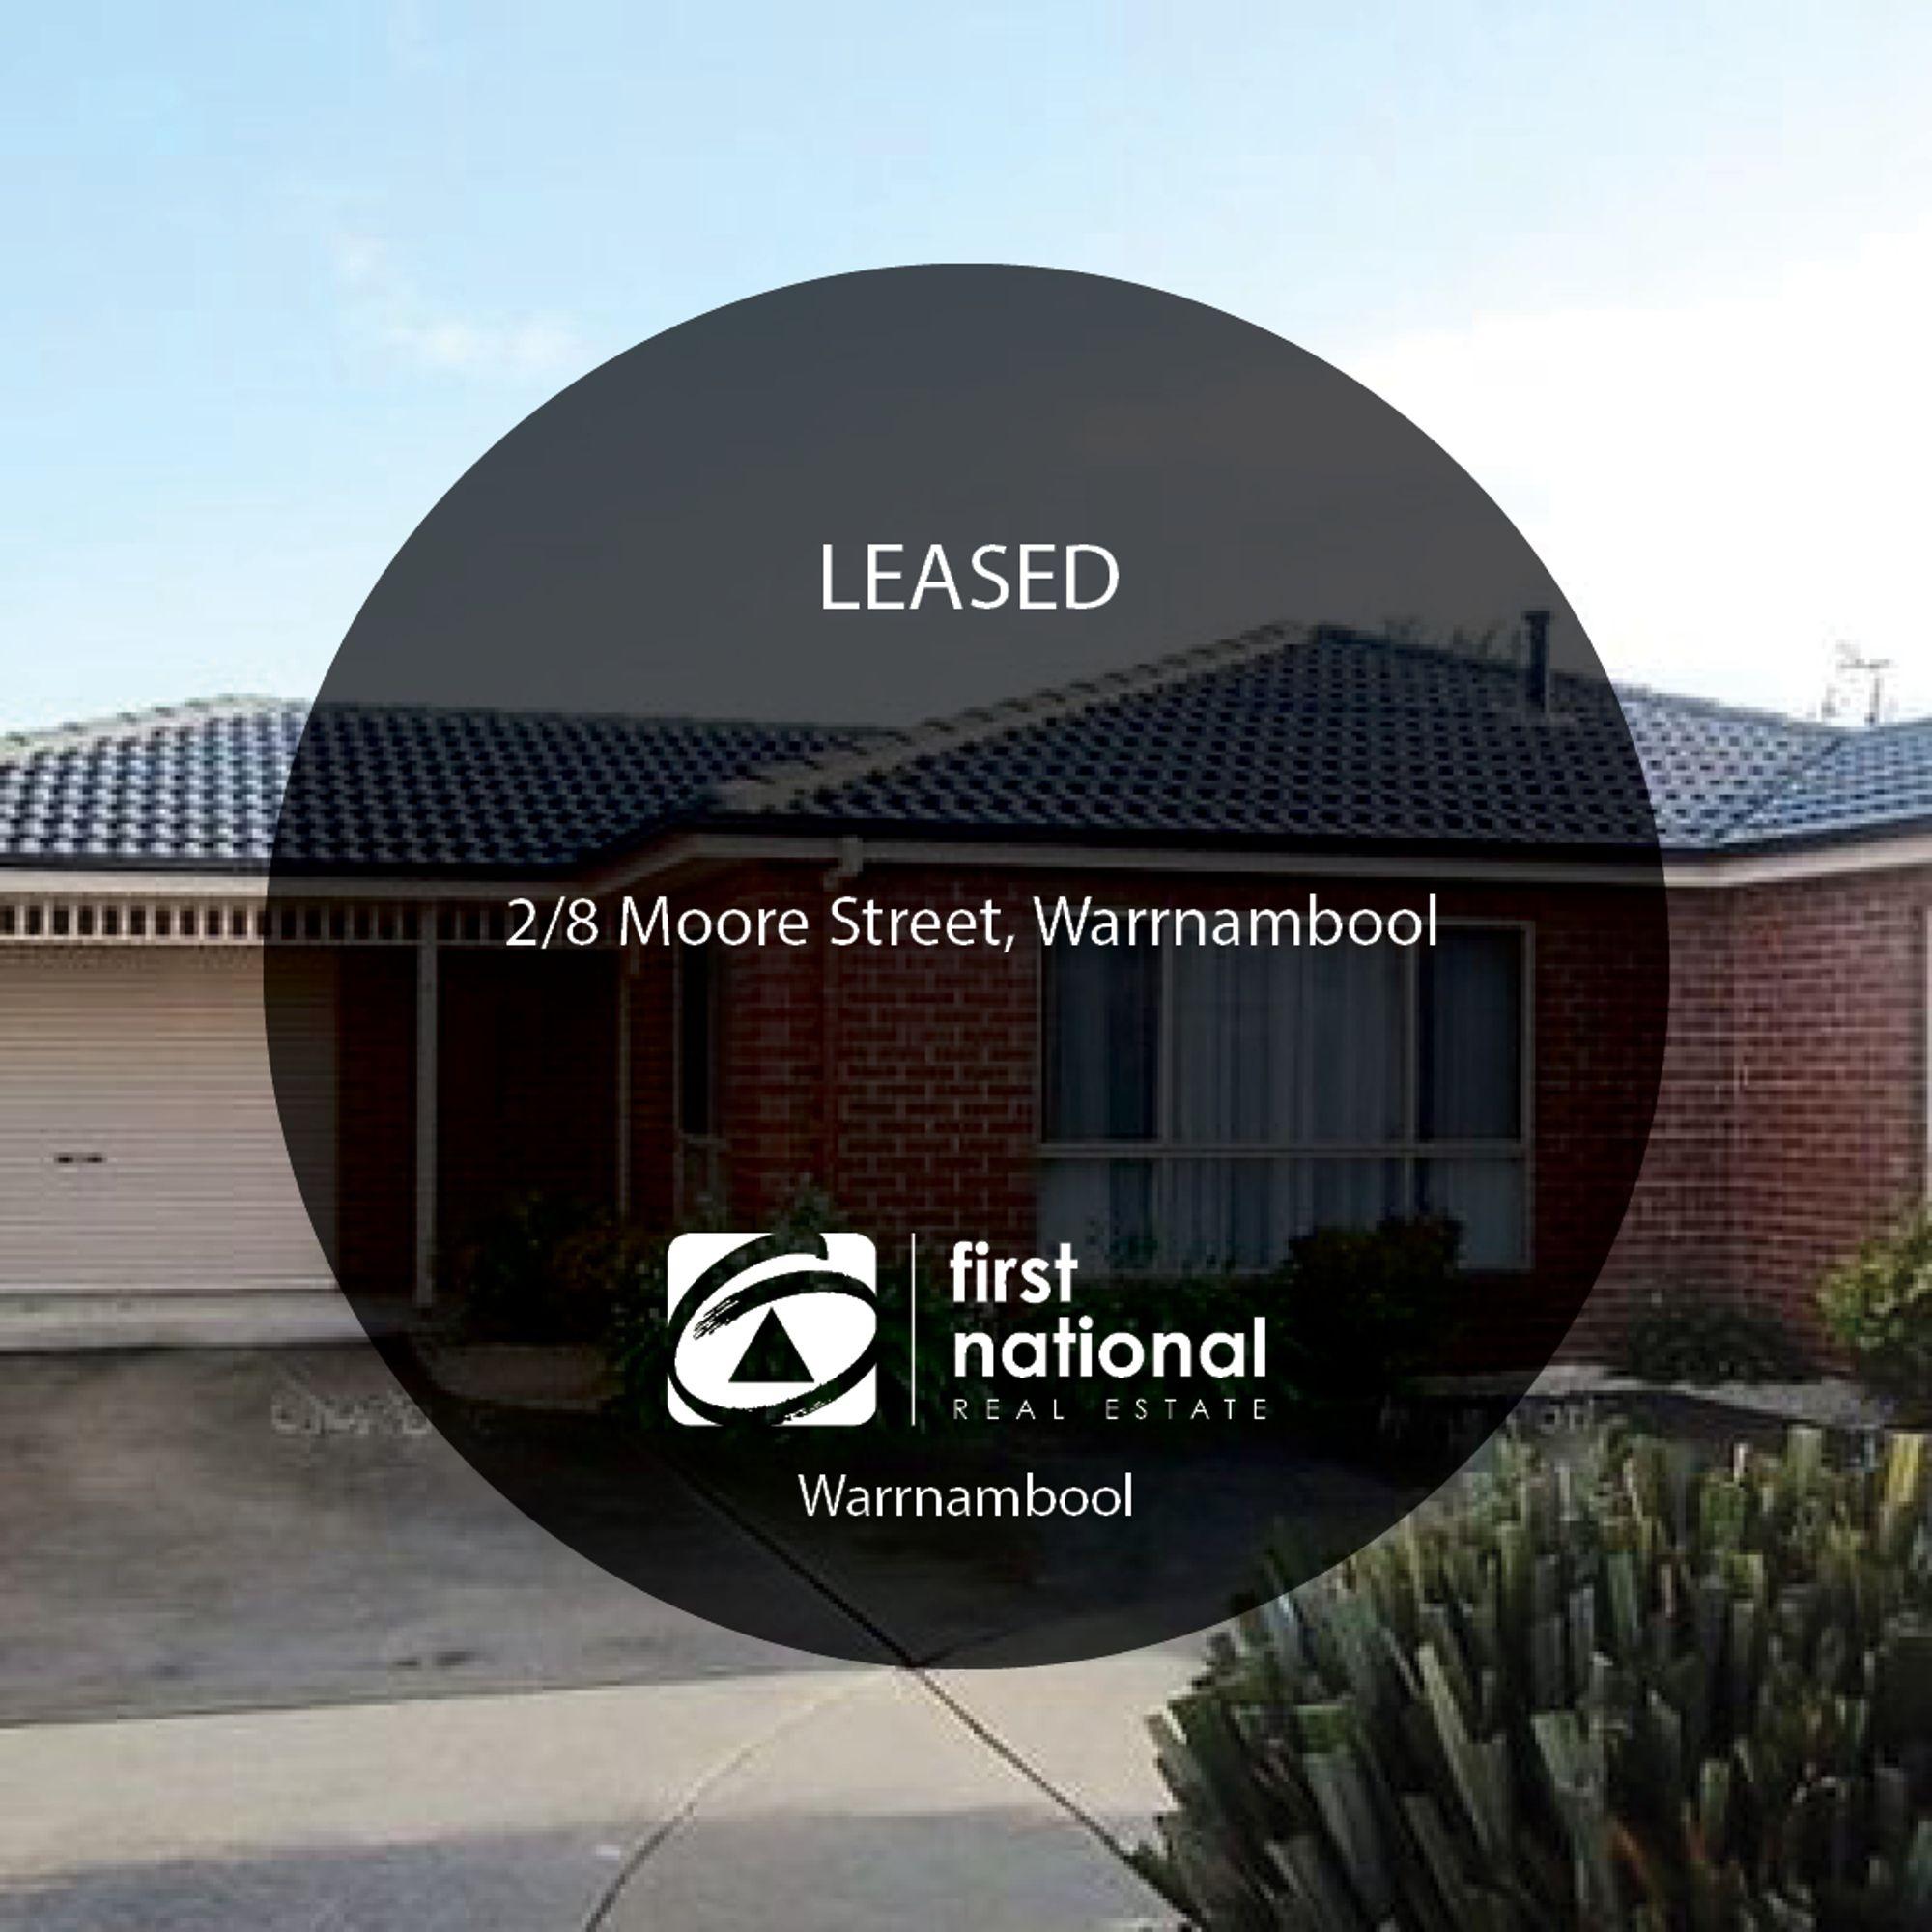 2/8 Moore Street, Warrnambool, VIC 3280